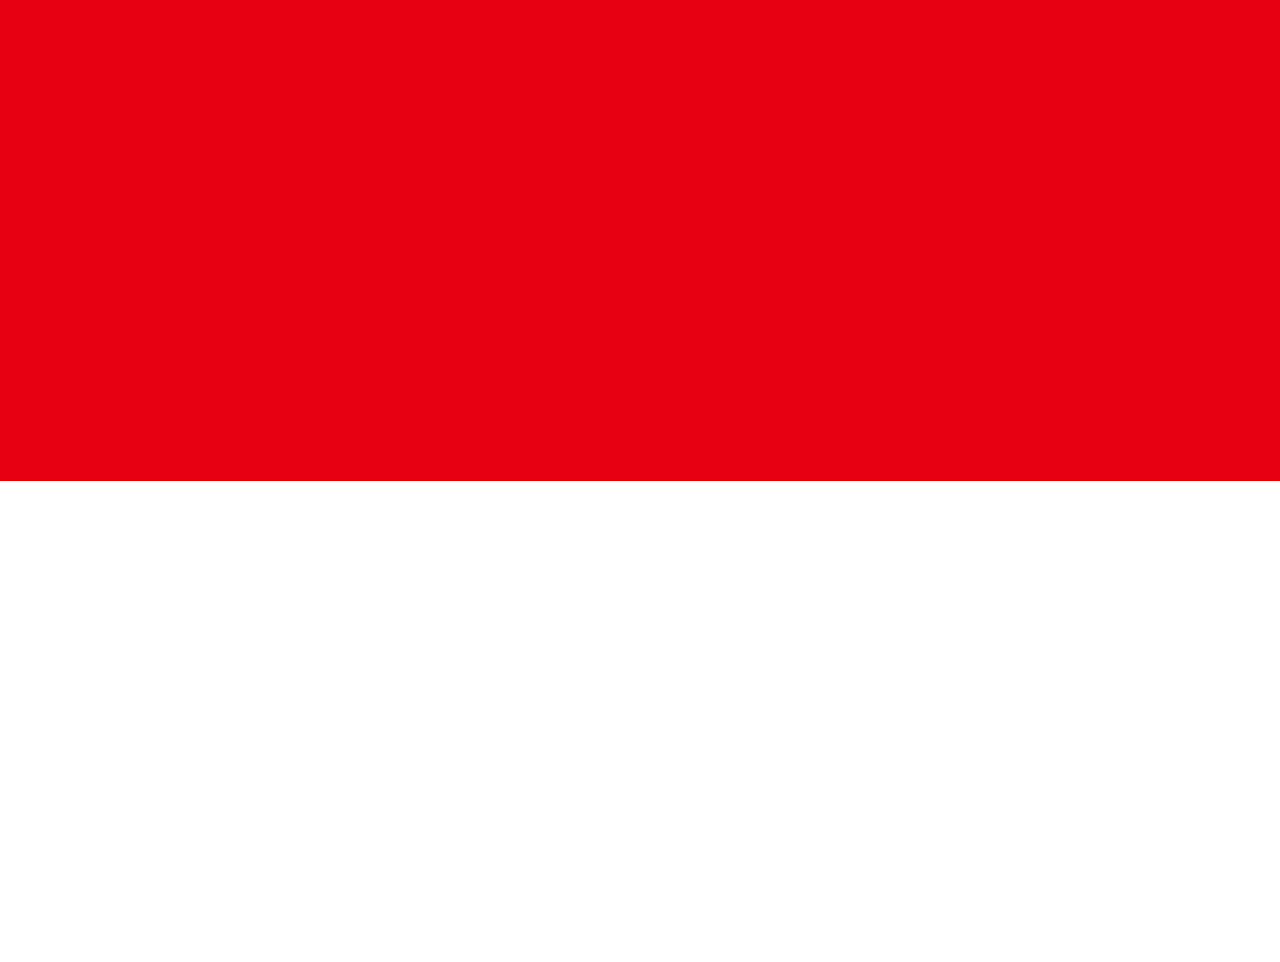 인도네시아(INDONESIA)